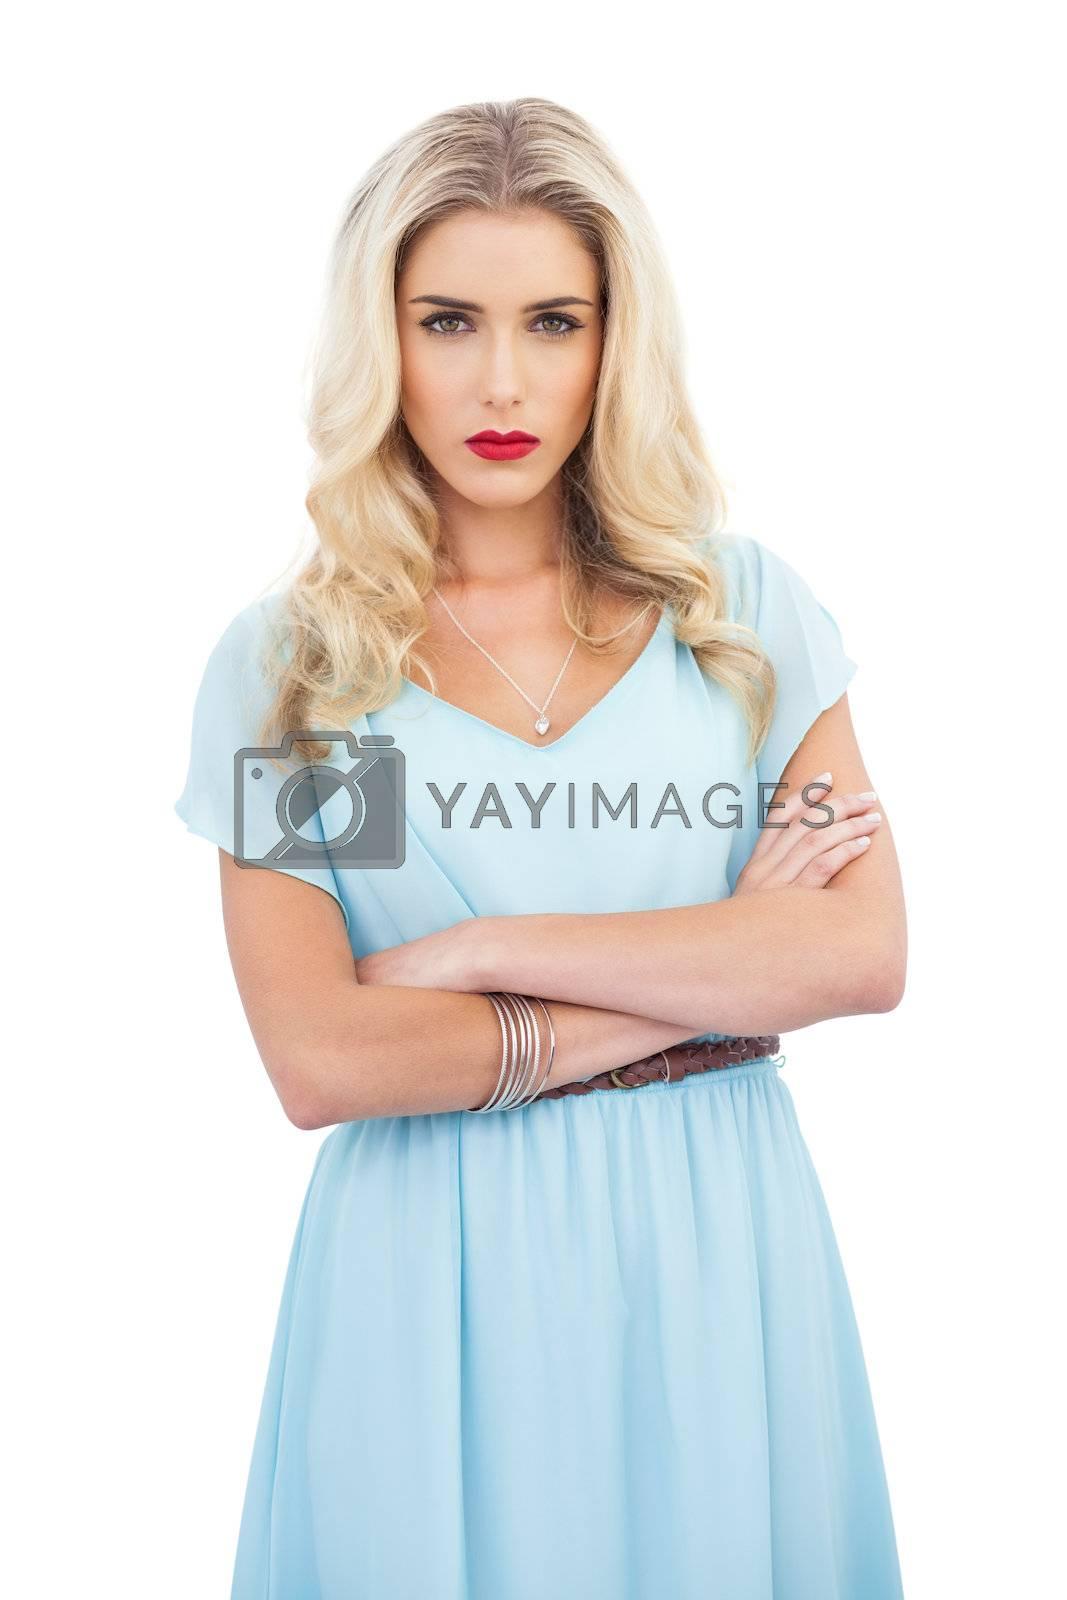 Severe blonde model in blue dress posing crossed arms by Wavebreakmedia